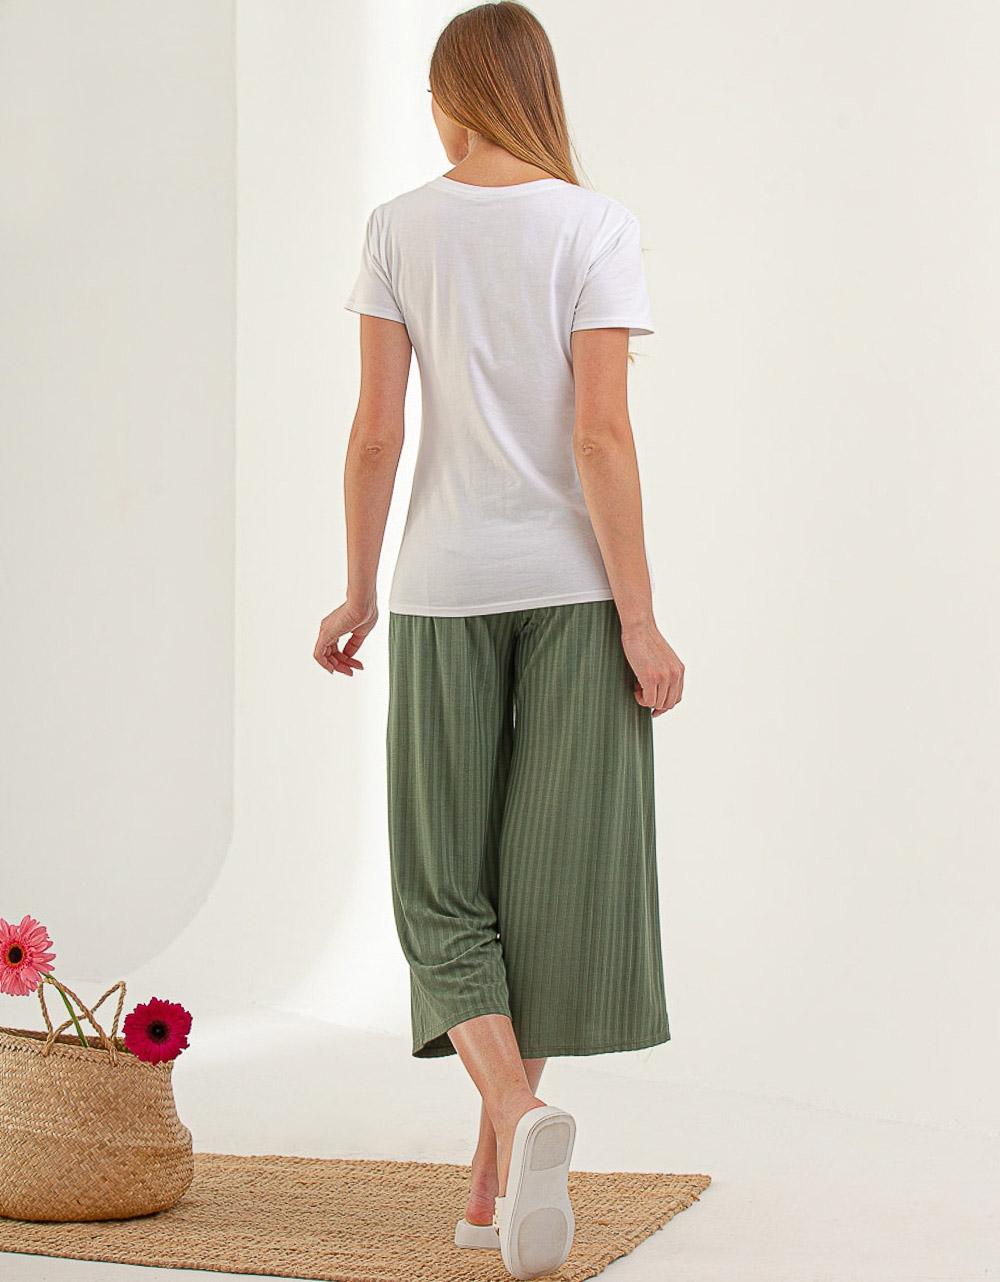 Εικόνα από Γυναικείο t-shirt σε απλή γραμμή Λευκό